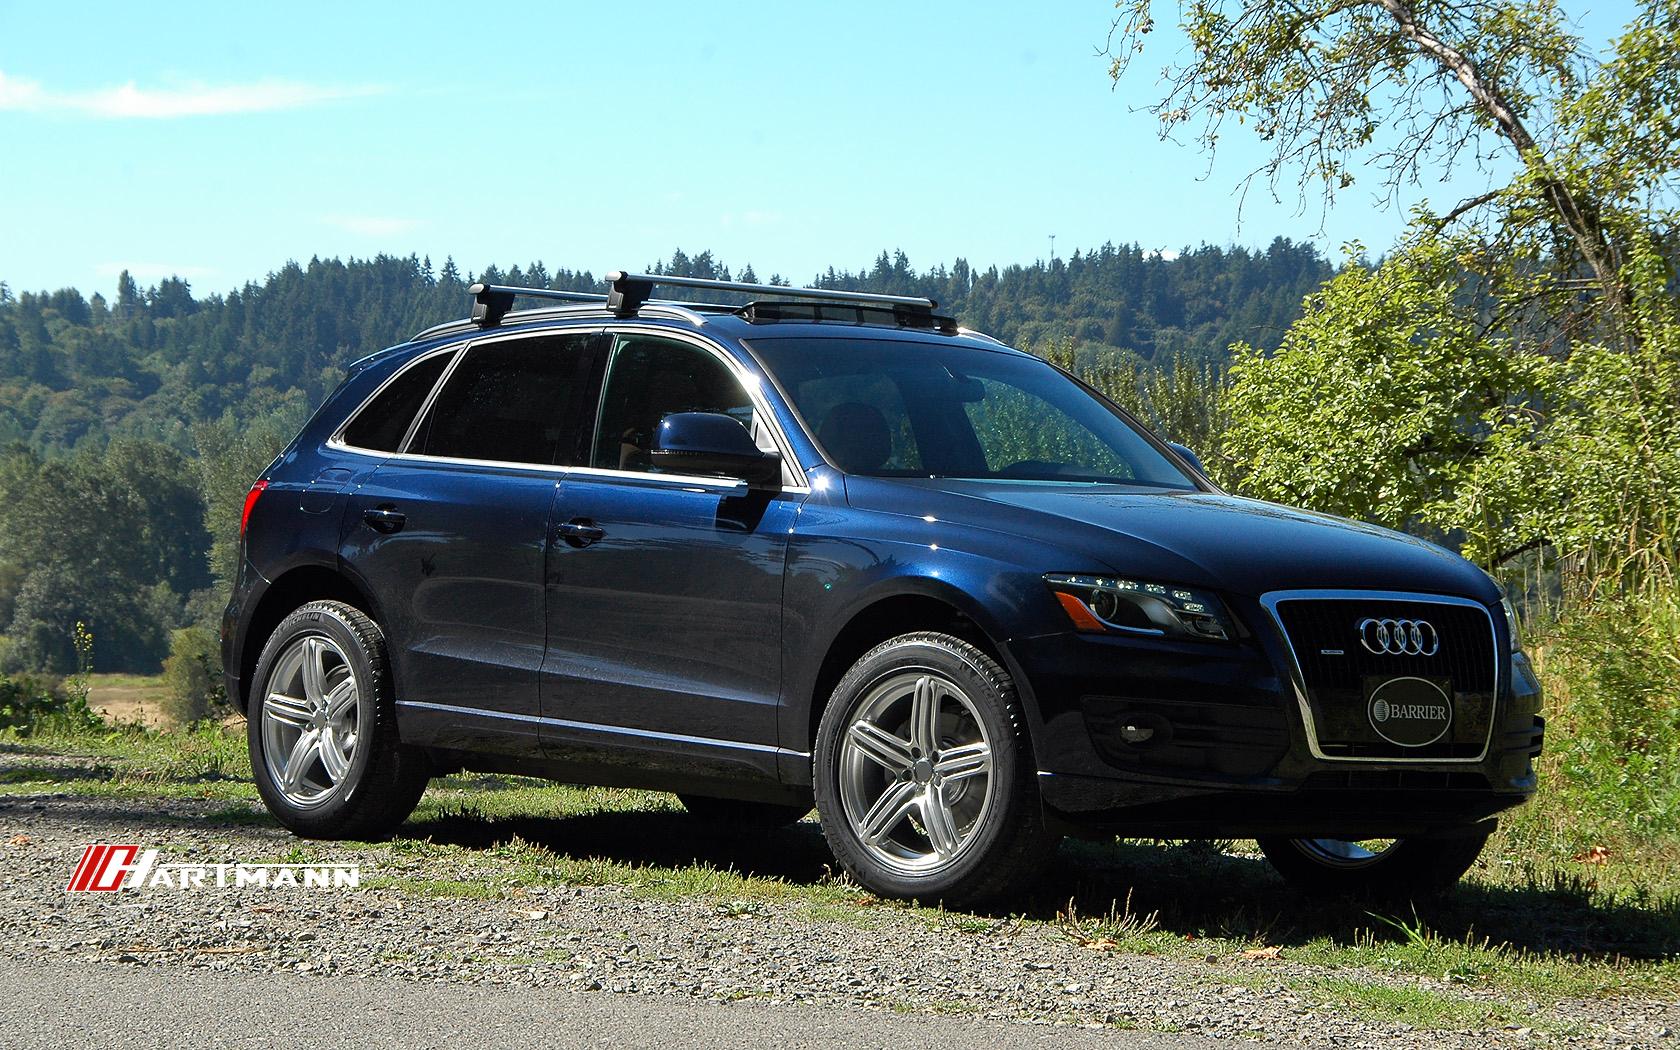 Audi b8 q5 hartmann wheels hrs6 204 gs 19 ba1 hwm